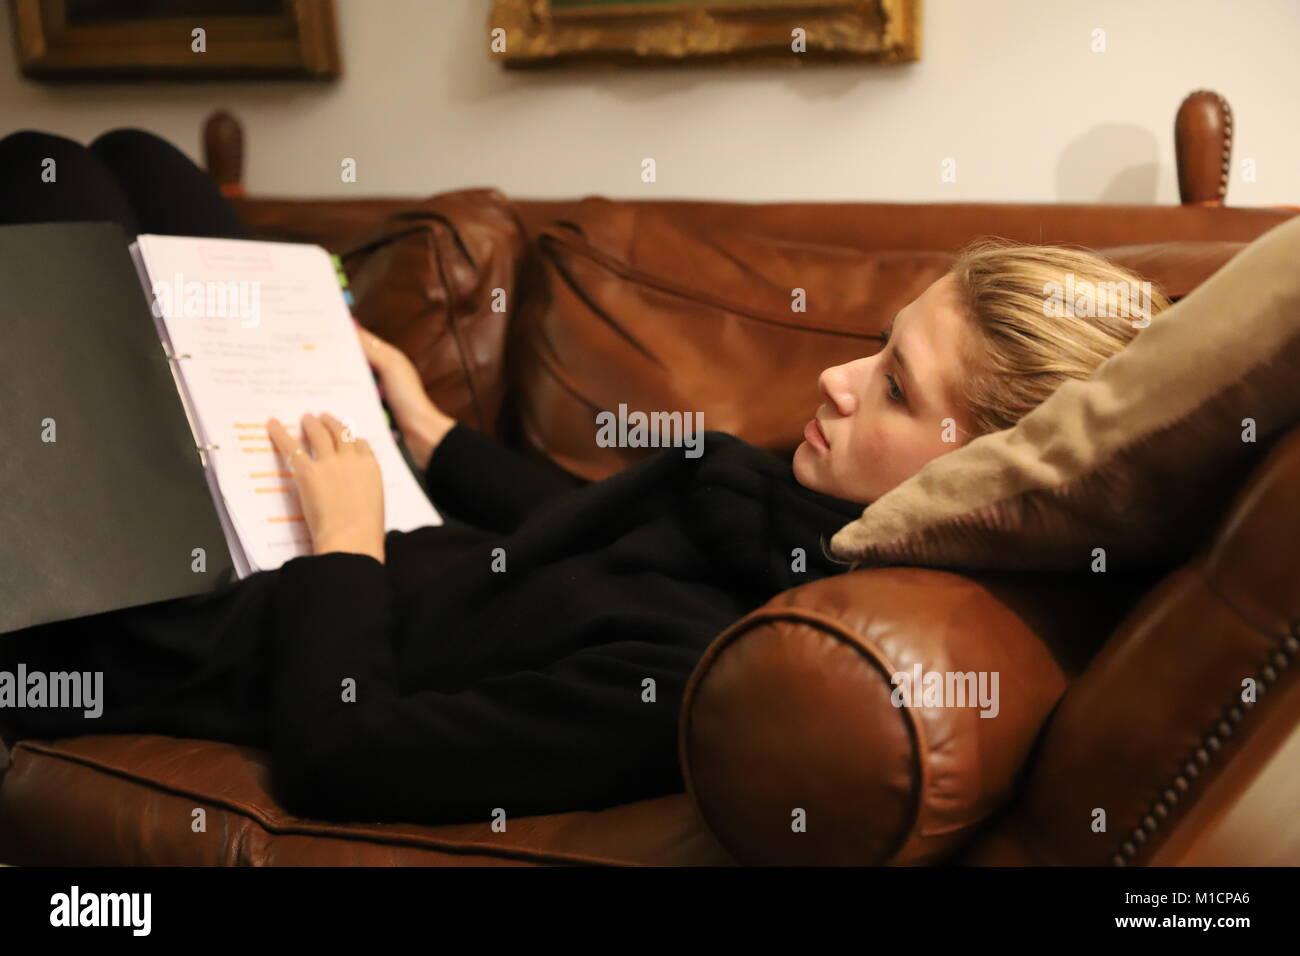 Jeune étudiant en droit études dans la maison de ses grands-parents. Photo Stock